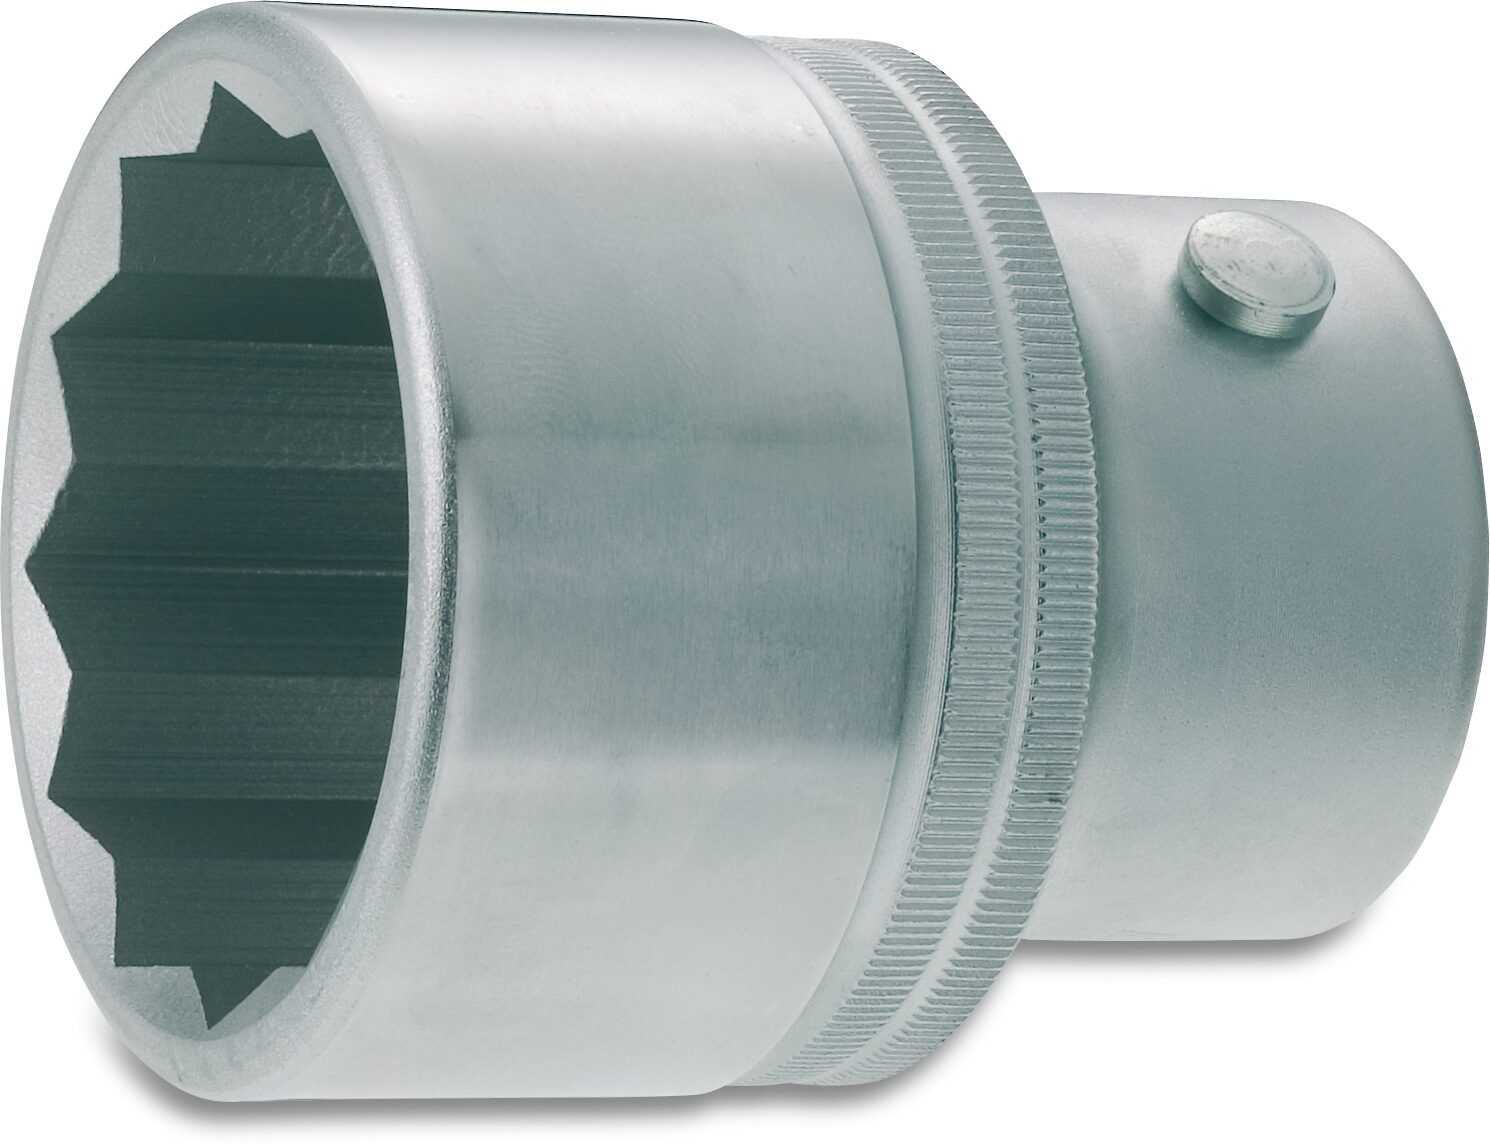 HAZET Steckschlüsseleinsatz ∙ Doppelsechskant 1100Z-41 ∙ Vierkant hohl 25 mm (1 Zoll) ∙ Außen-Doppel-Sechskant Profil